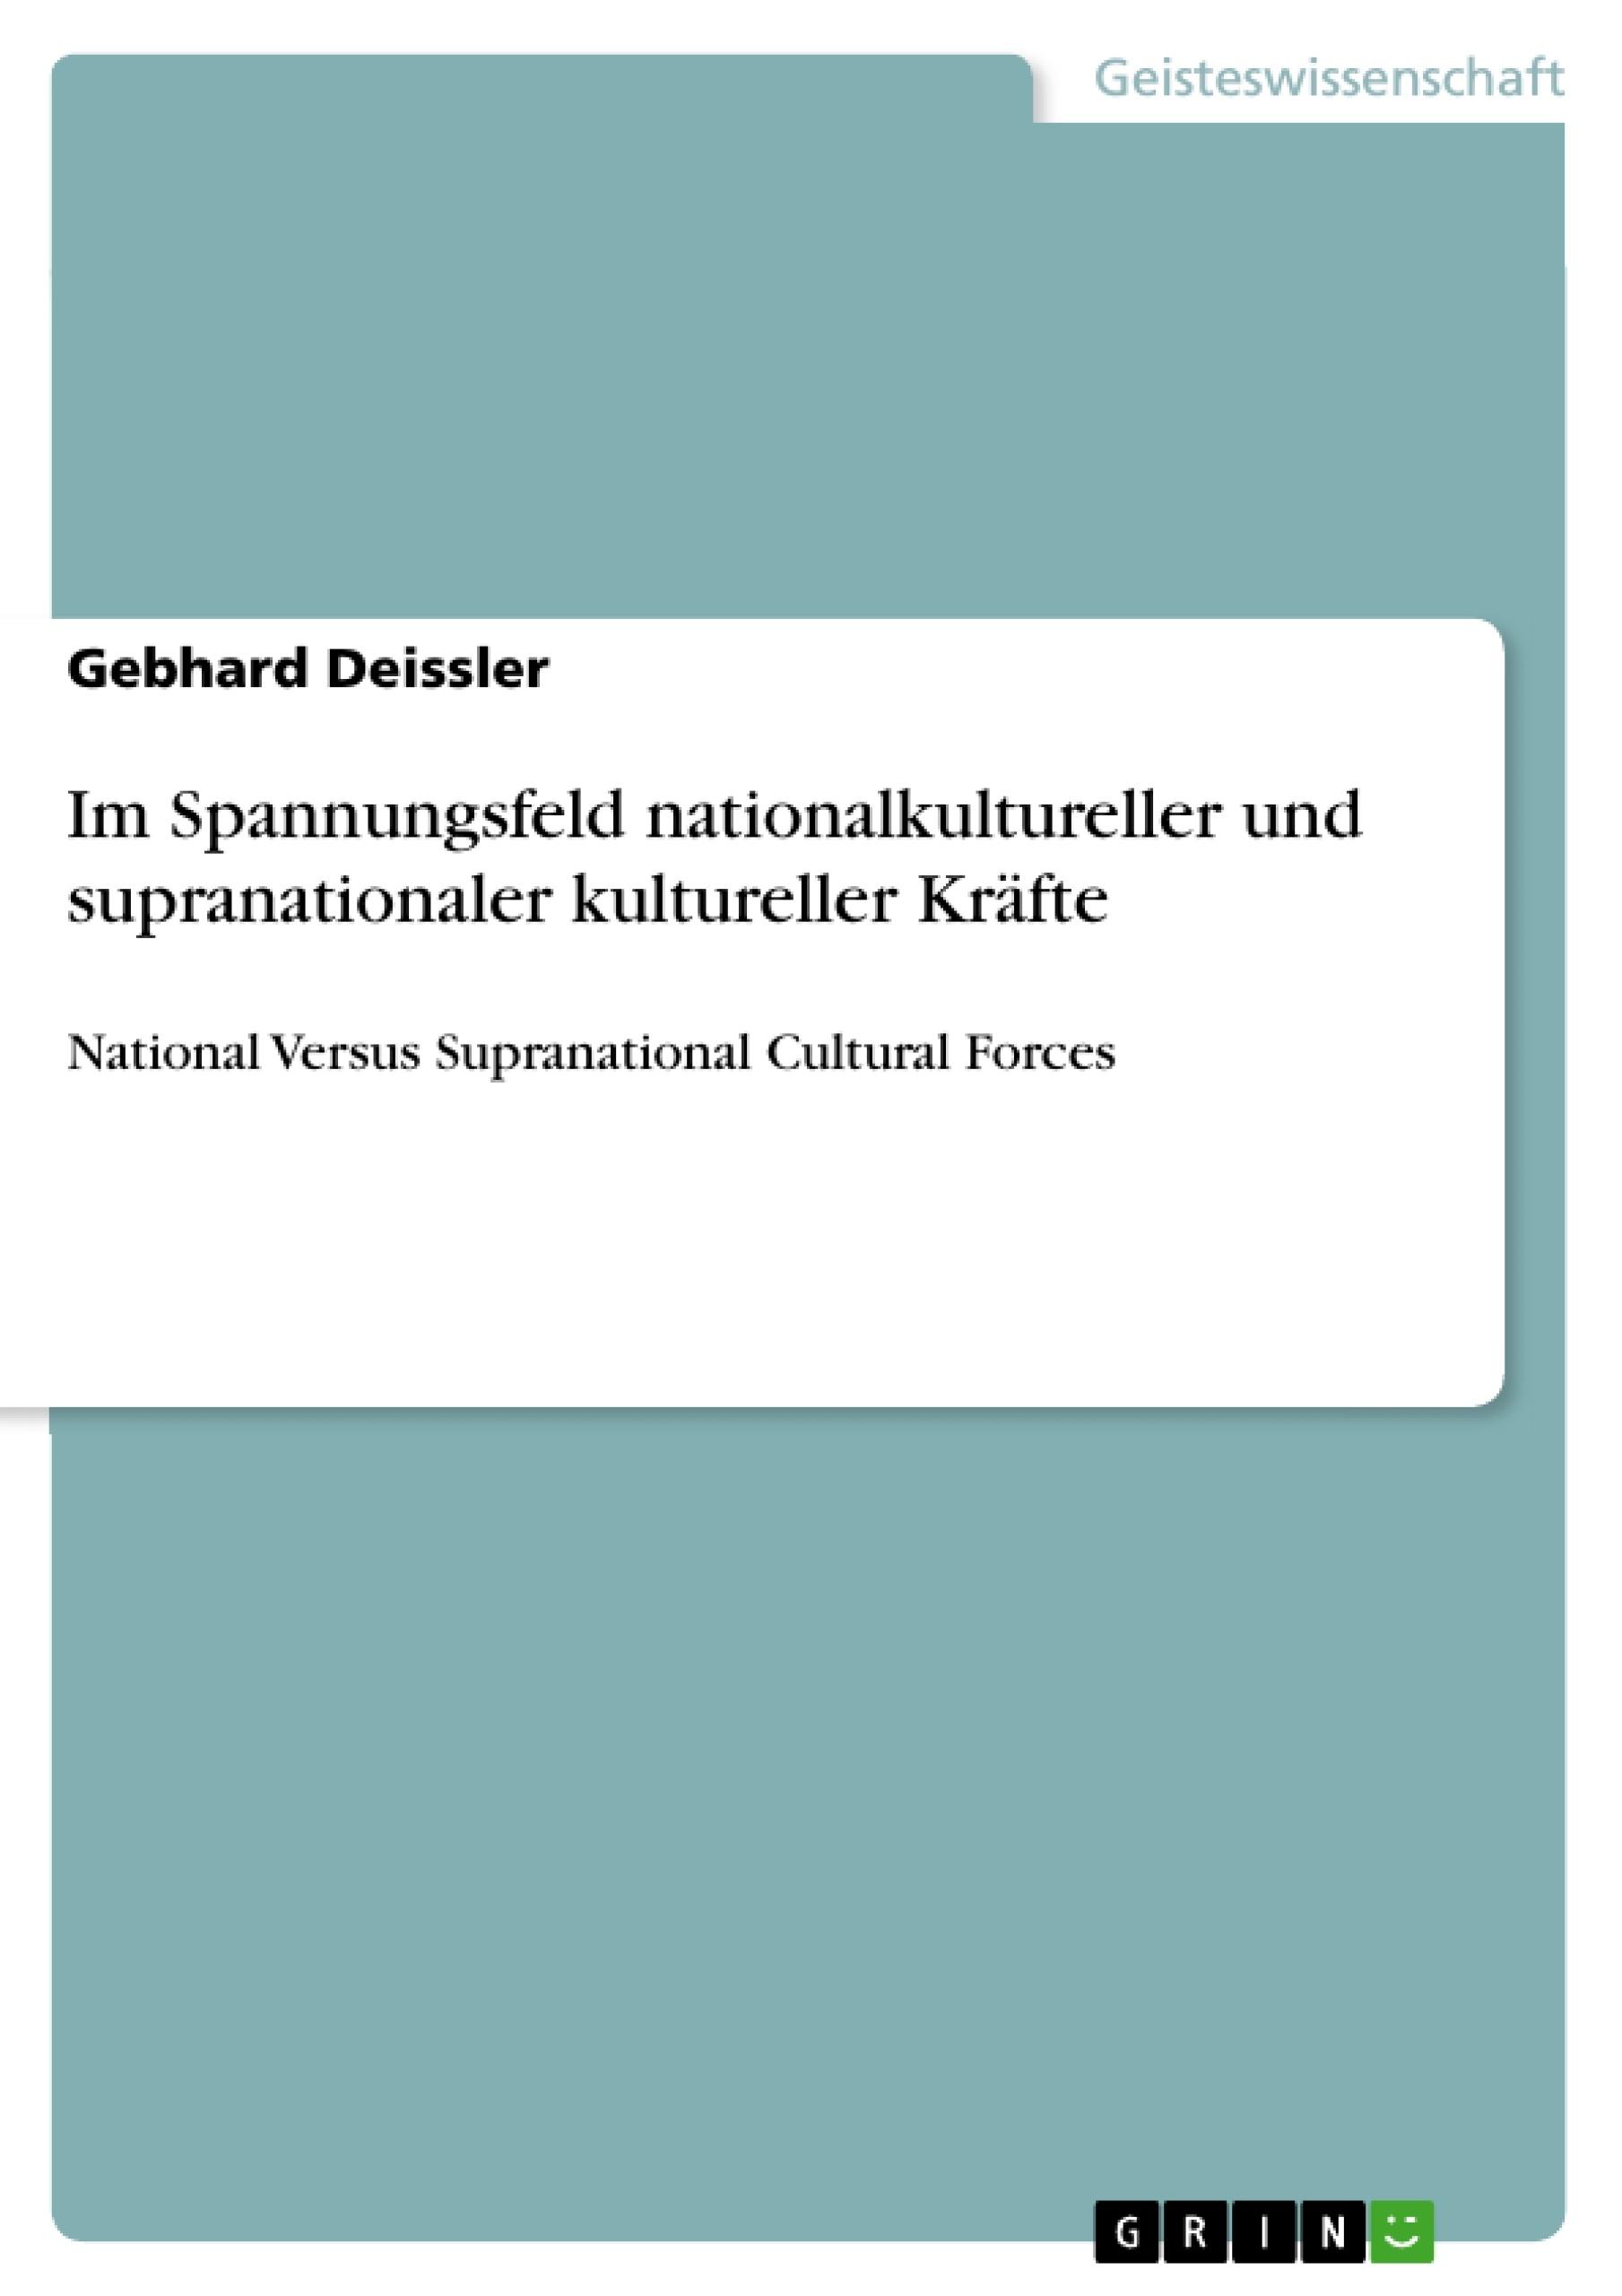 Titel: Im Spannungsfeld nationalkultureller und supranationaler kultureller Kräfte